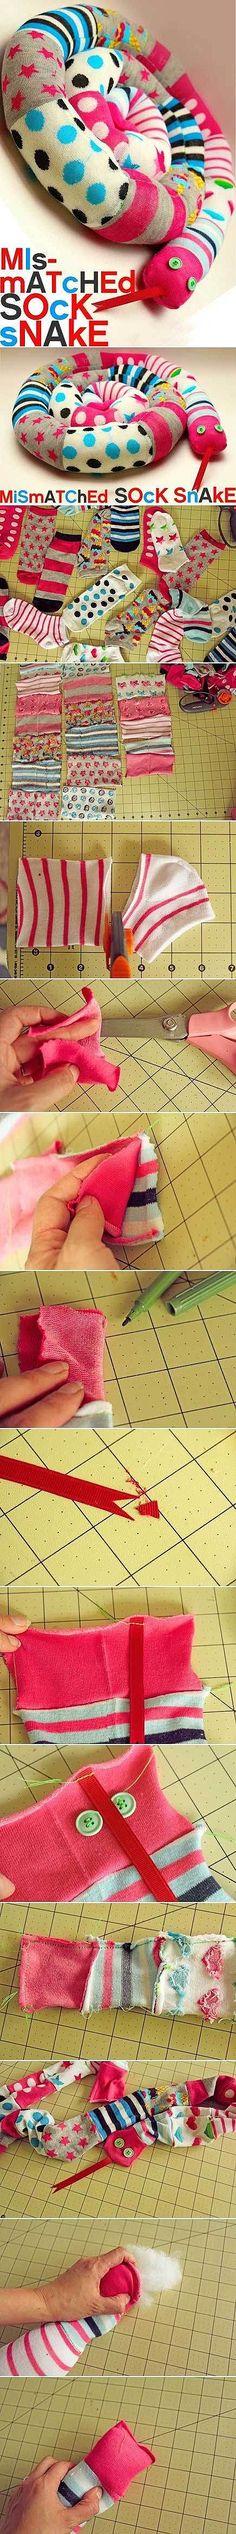 Chaussettes en tissu à la main bricolage recyclage recyclage des déchets